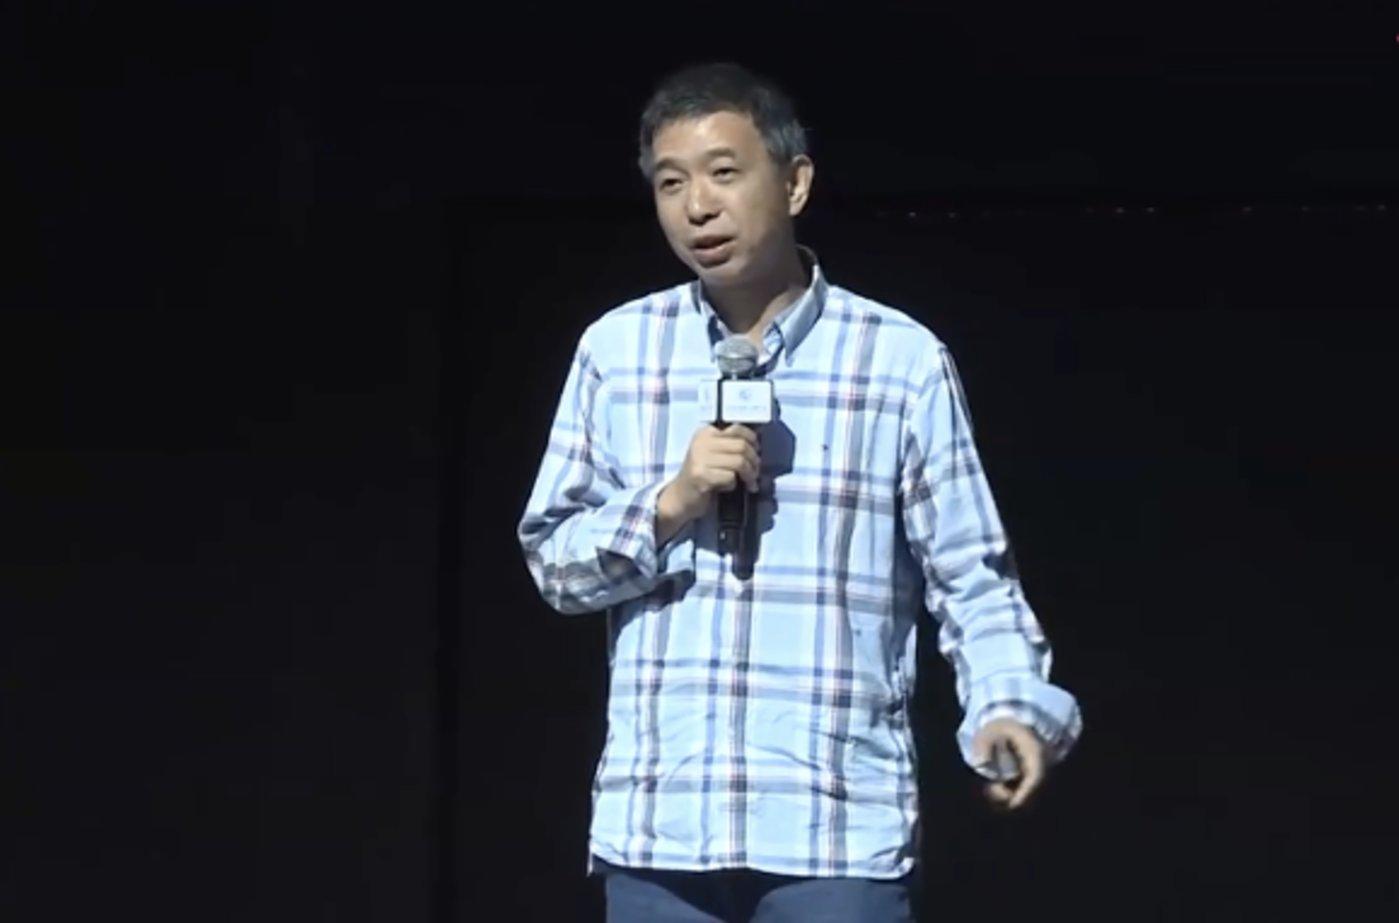 王坚(云栖大会的视频截图)